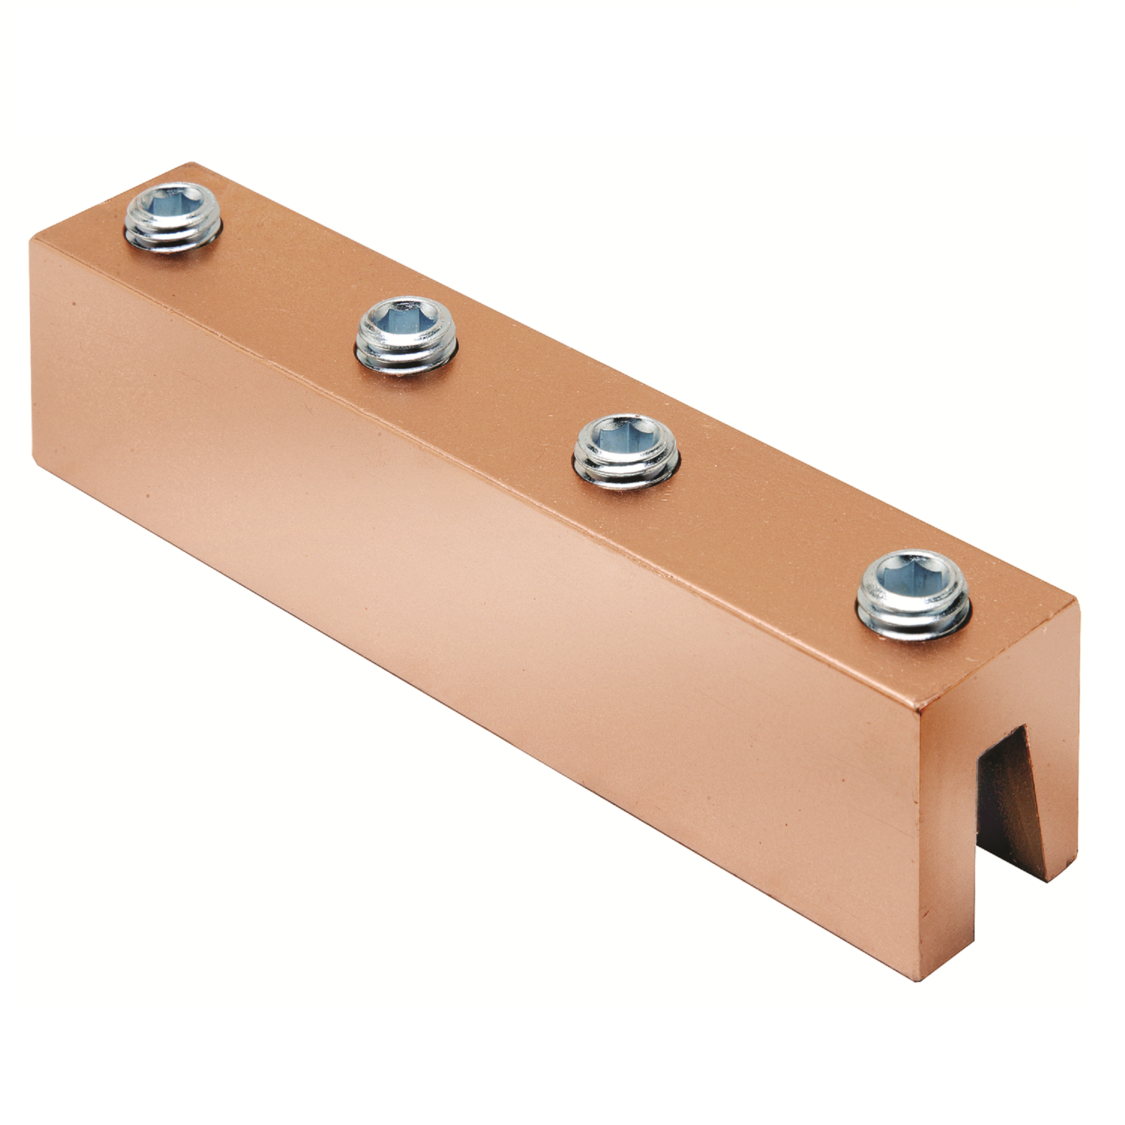 Grounding-Bonding Cable Terminal Lugs